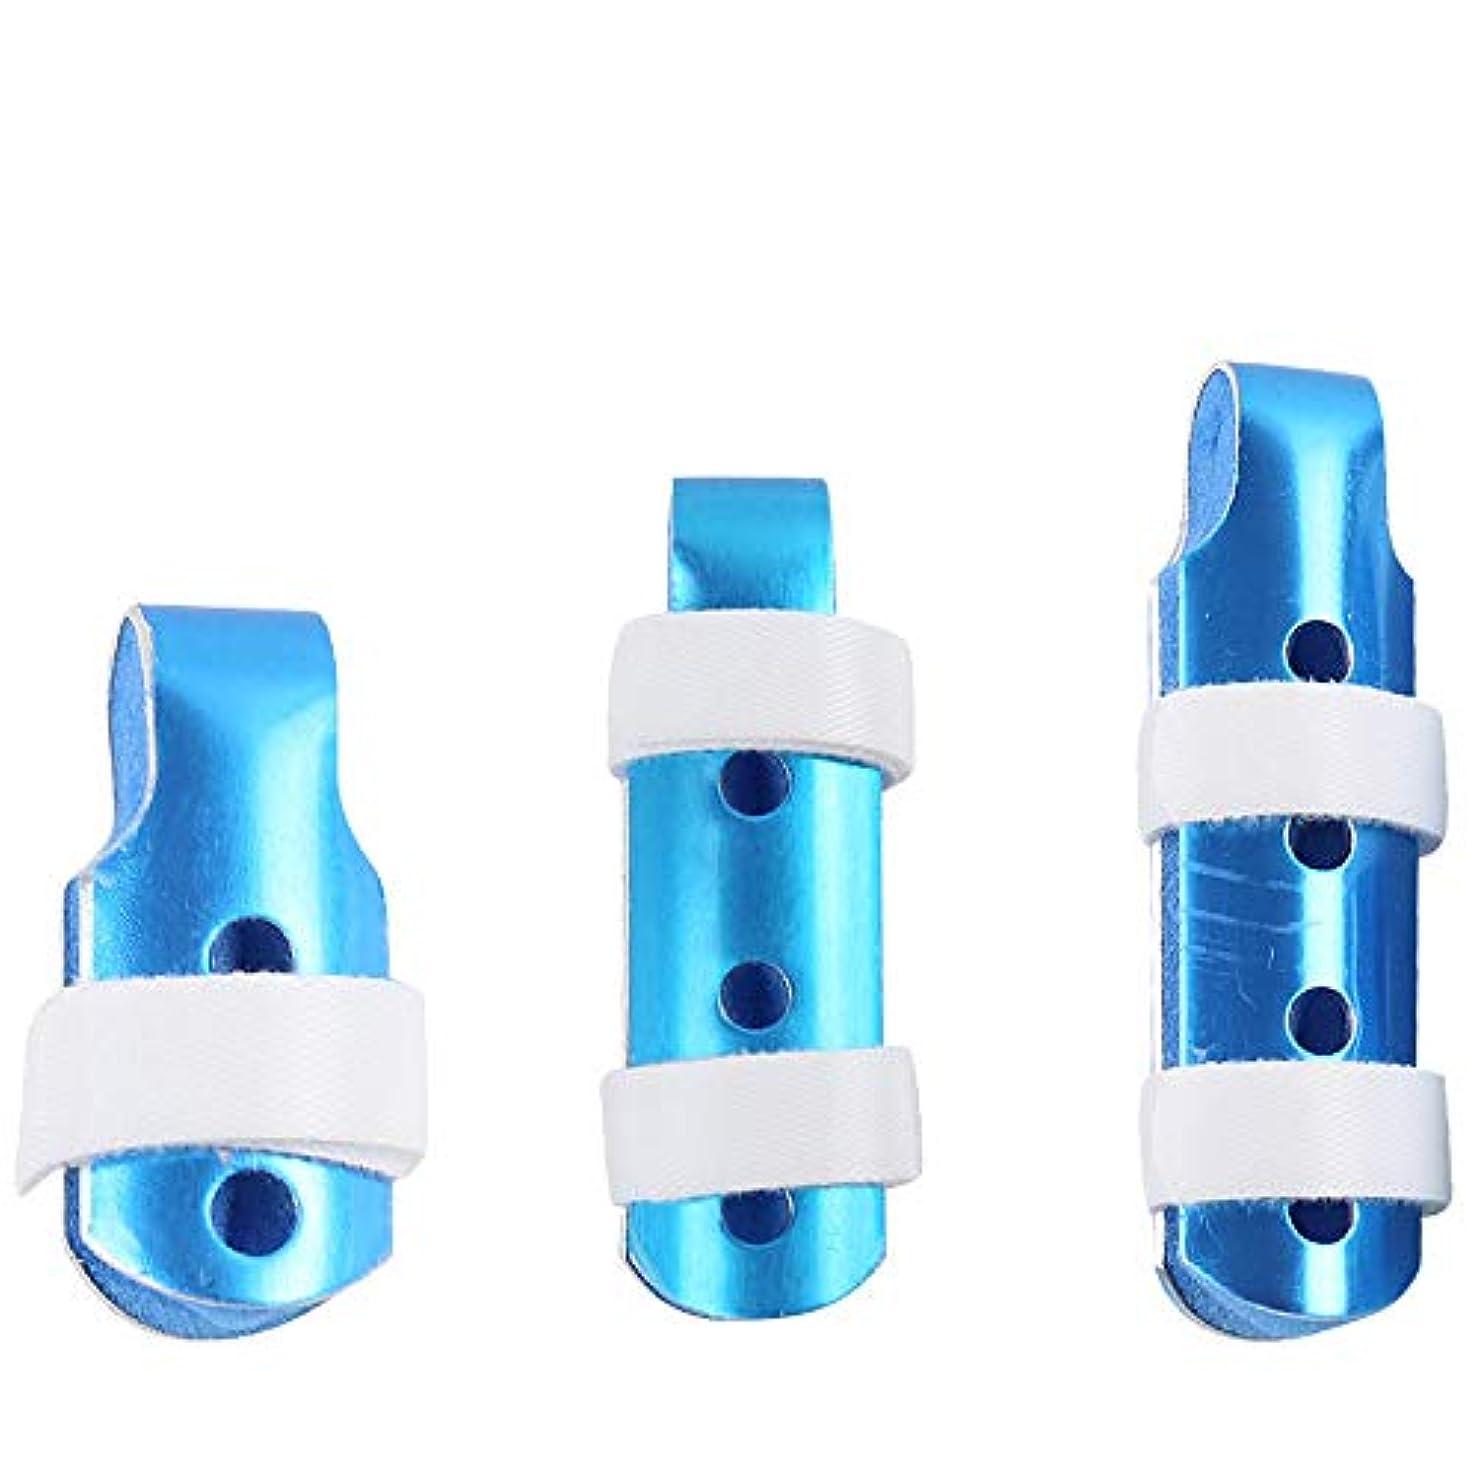 味わう他の場所教える指の添え木、調節可能なサポート引き金、関節保護指の傷害防止用プロテクター、フックとループストラップで折り重ね(3個)